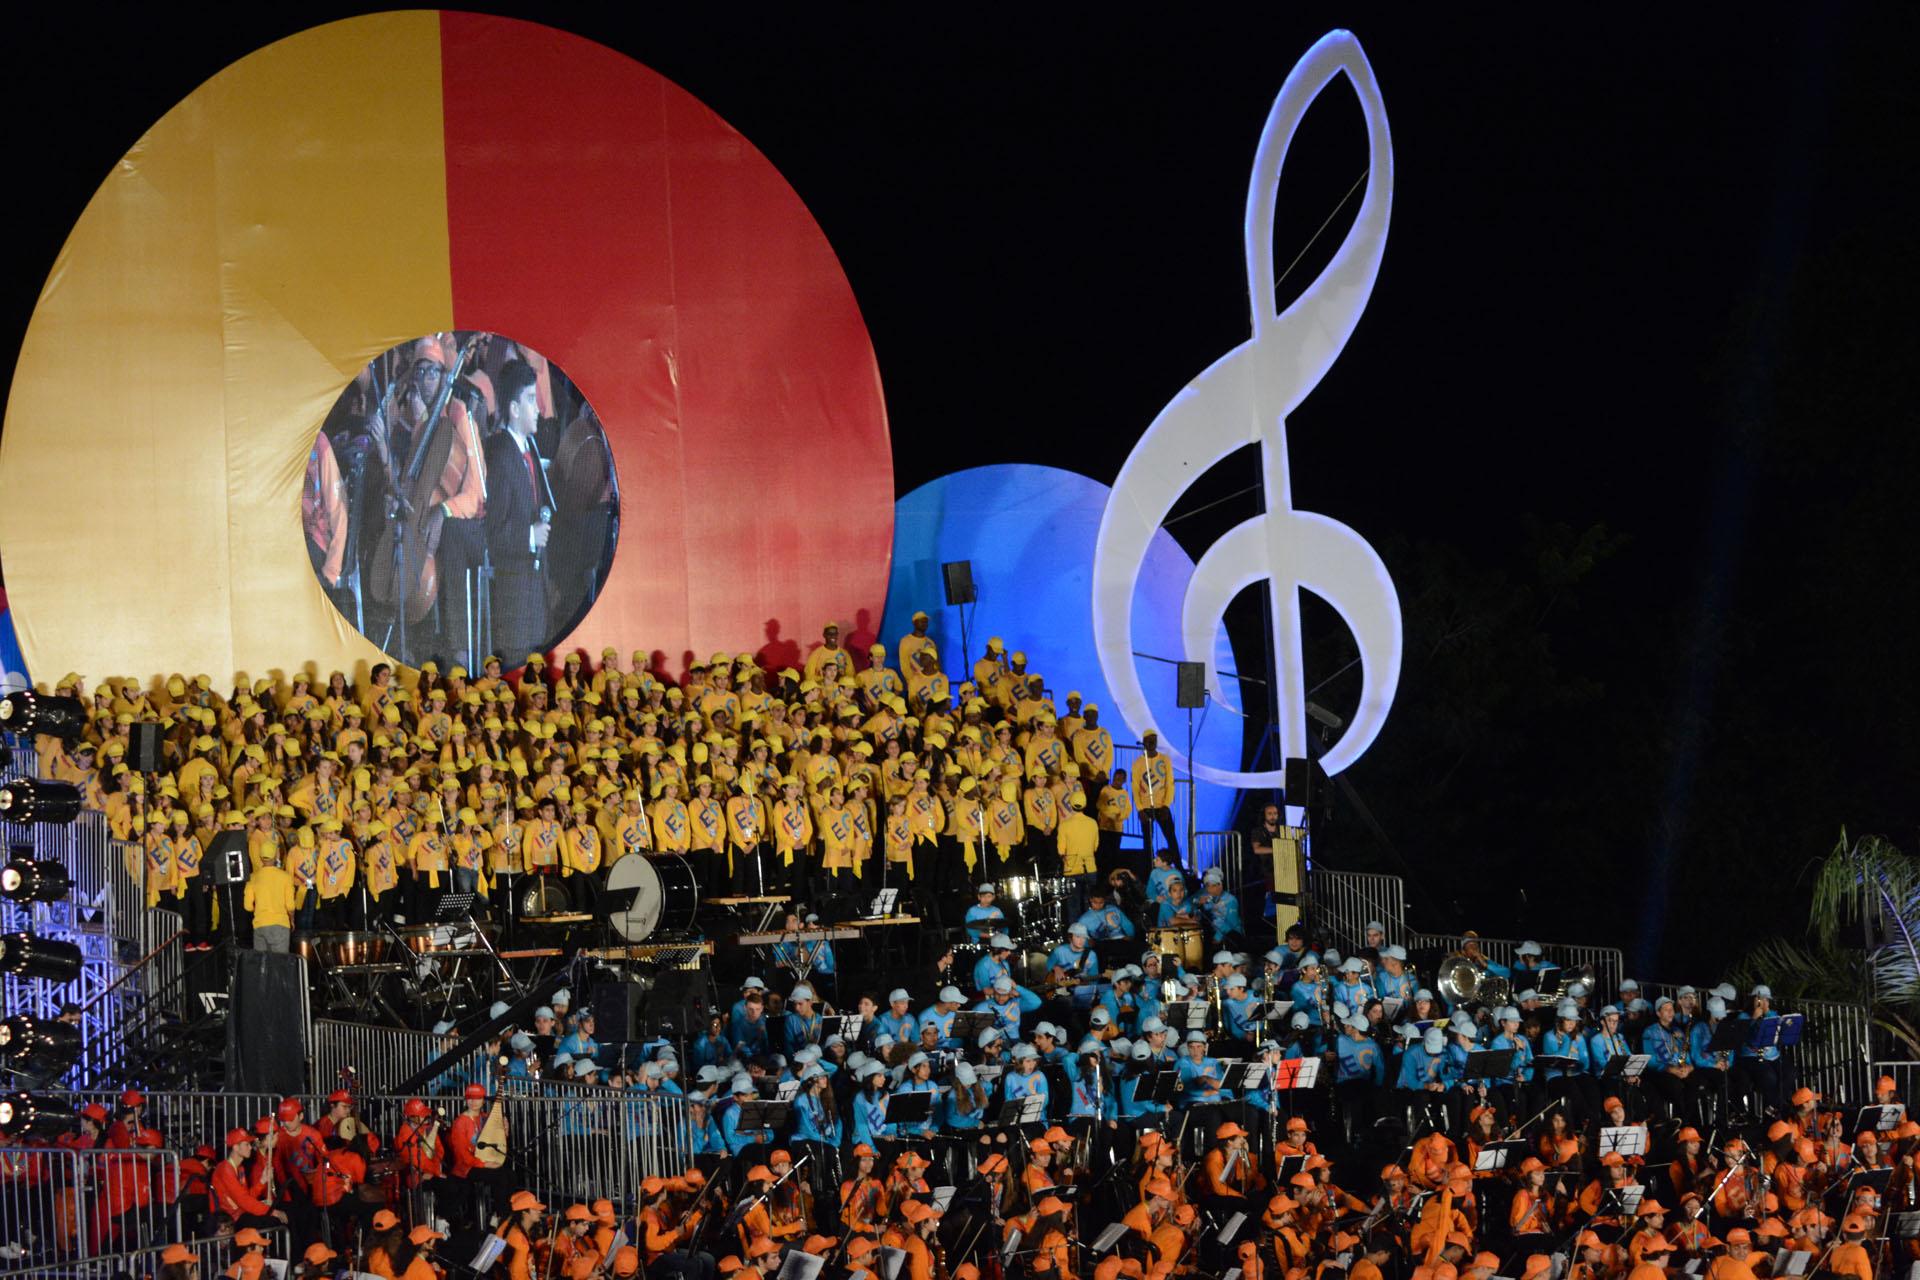 El cierre del encuentro fue espectacular: un concierto final al aire libre dentro del Parque Nacional Iguazú, donde todos los niños tocaron su repertorio juntos